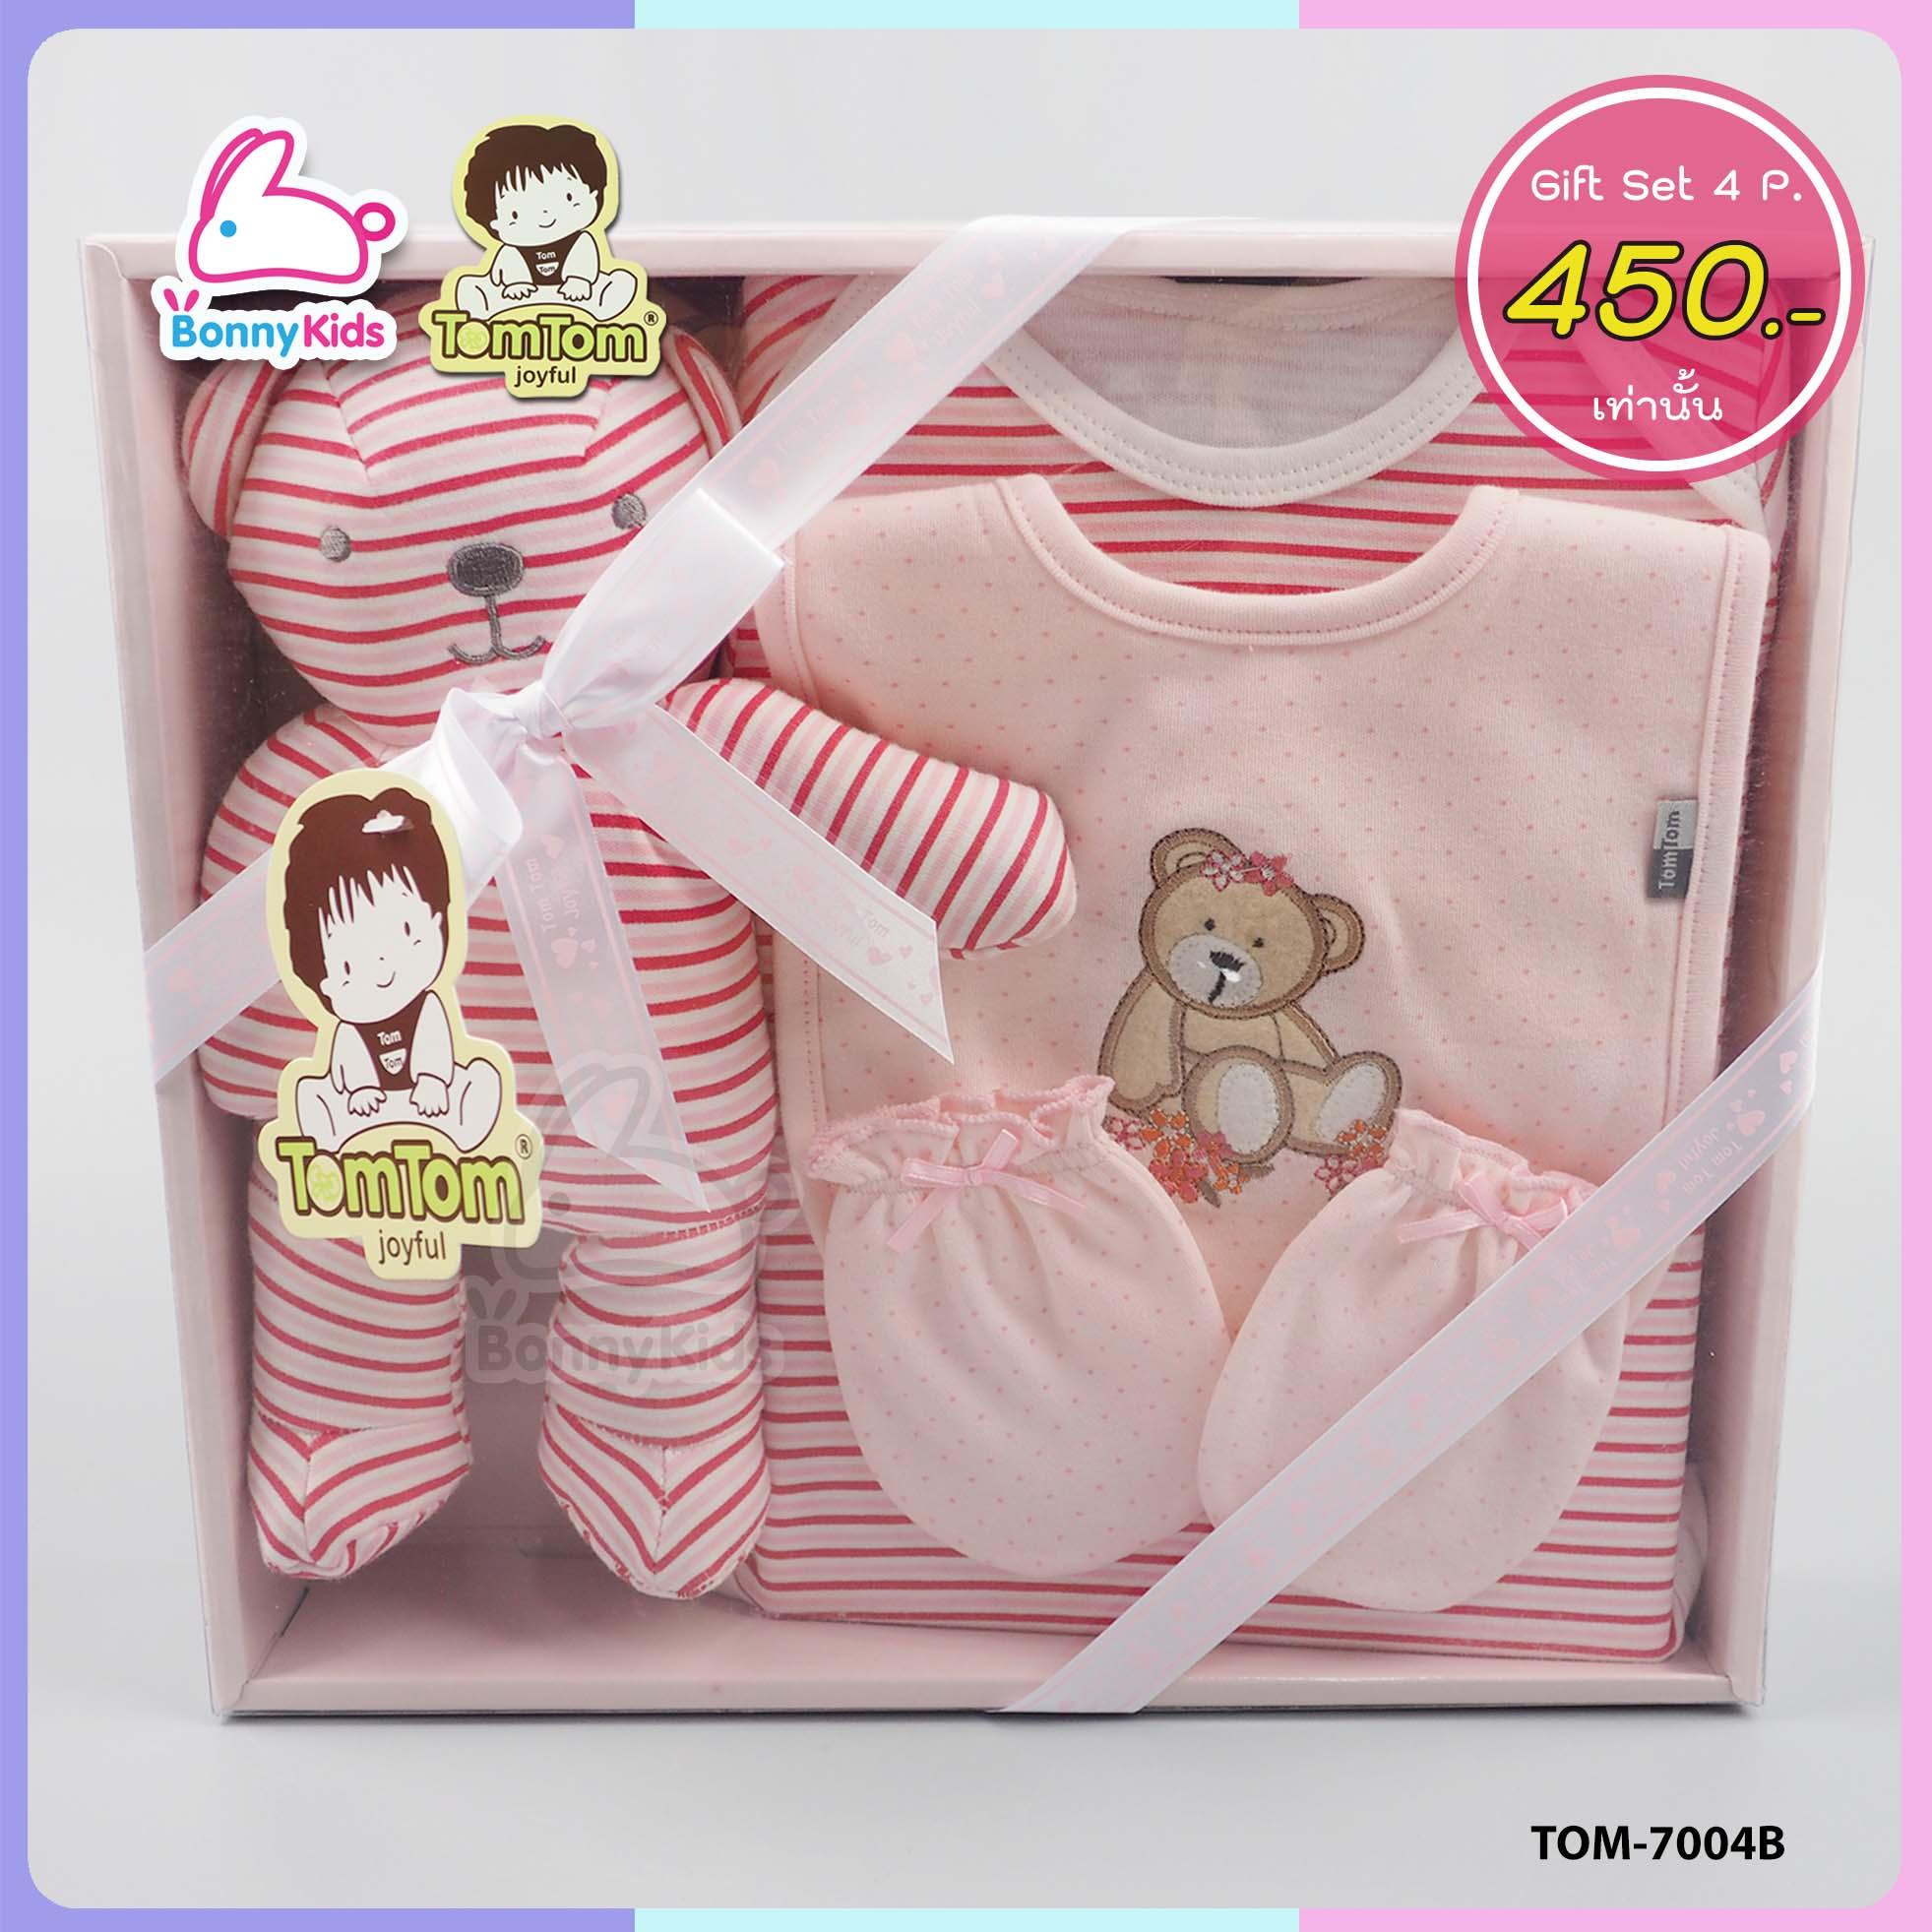 กิ๊ฟเซ็ต tom tom 4 ชิ้น พร้อมตุ๊กตาน่ารัก